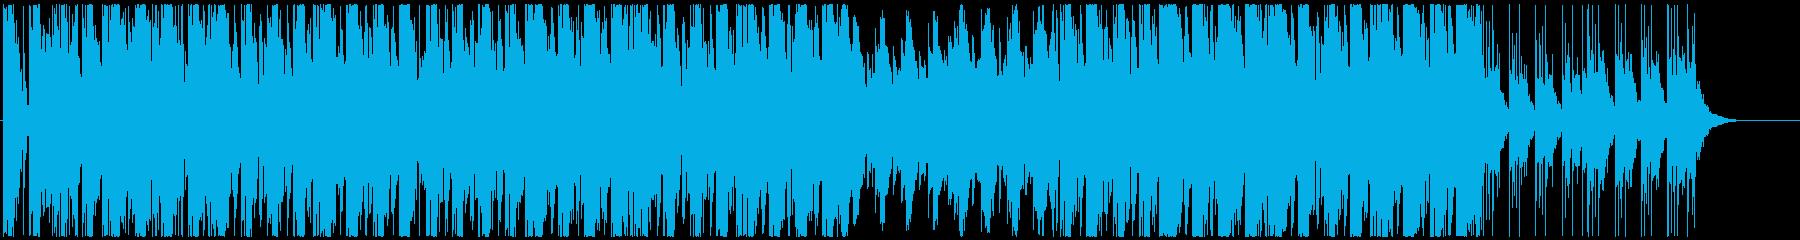 【ミニマル】ニュースD・報道・ループの再生済みの波形